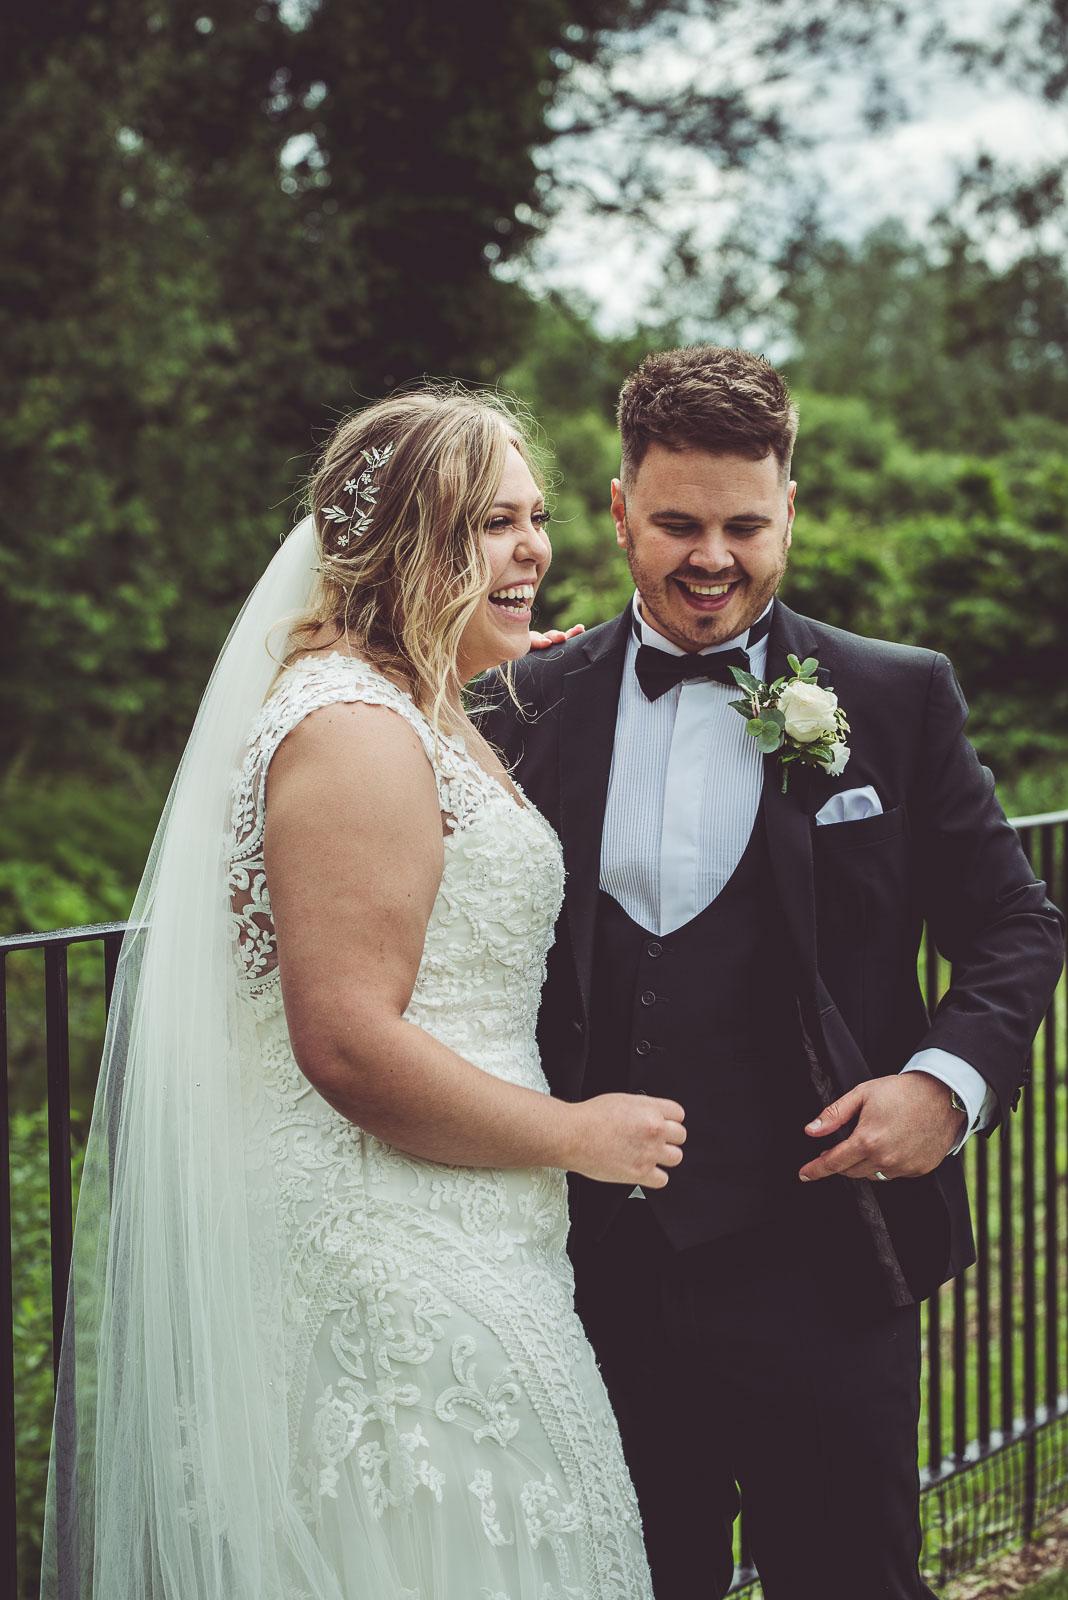 Lutonhoo-wedding-Bedfordshire-Datchworth-Tewinburyfarm-56.jpg